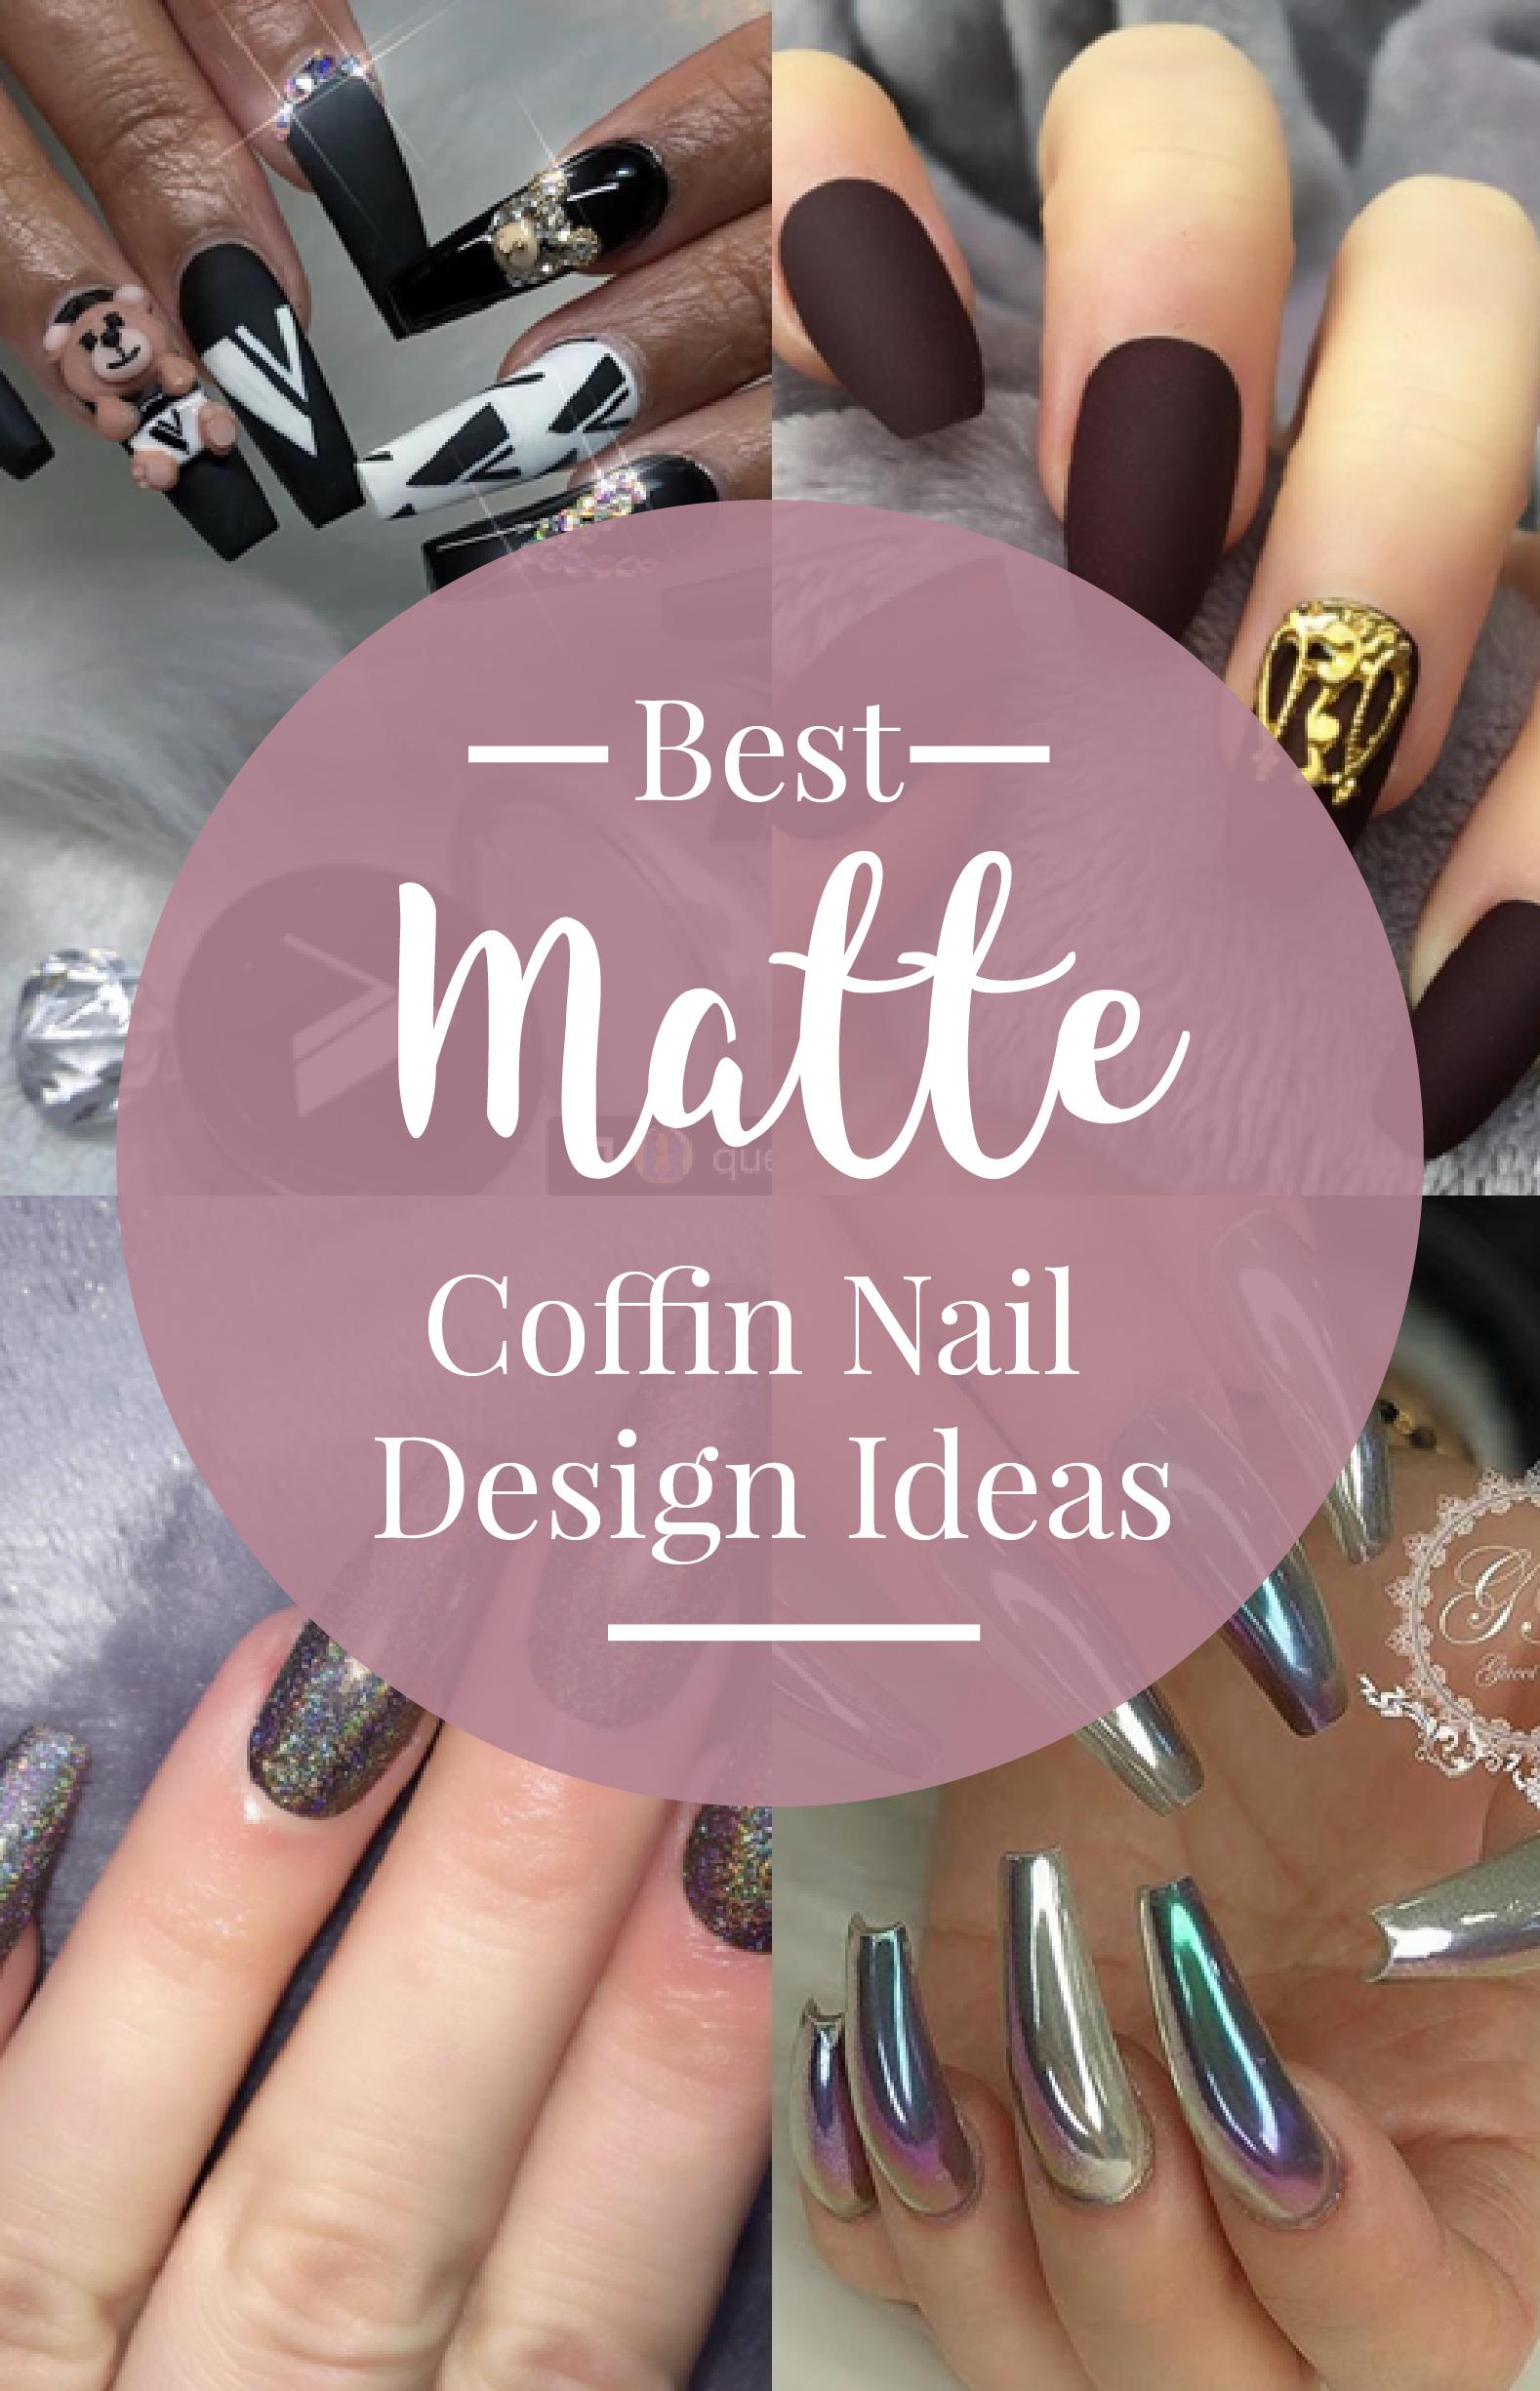 best coffin nail design ideas